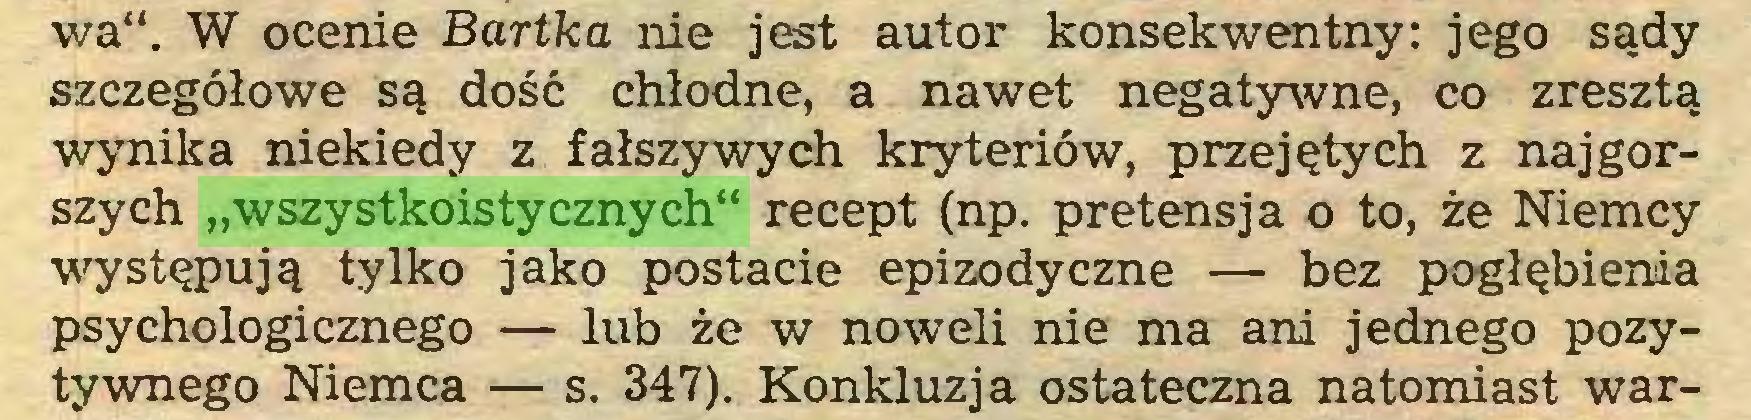 """(...) wa"""". W ocenie Bartka nie jest autor konsekwentny: jego sądy szczegółowe są dość chłodne, a nawet negatywne, co zresztą wynika niekiedy z fałszywych kryteriów, przejętych z najgorszych """"wszystkoistycznych"""" recept (np. pretensja o to, że Niemcy występują tylko jako postacie epizodyczne — bez pogłębienia psychologicznego — lub że w noweli nie ma ani jednego pozytywnego Niemca — s. 347). Konkluzja ostateczna natomiast war..."""